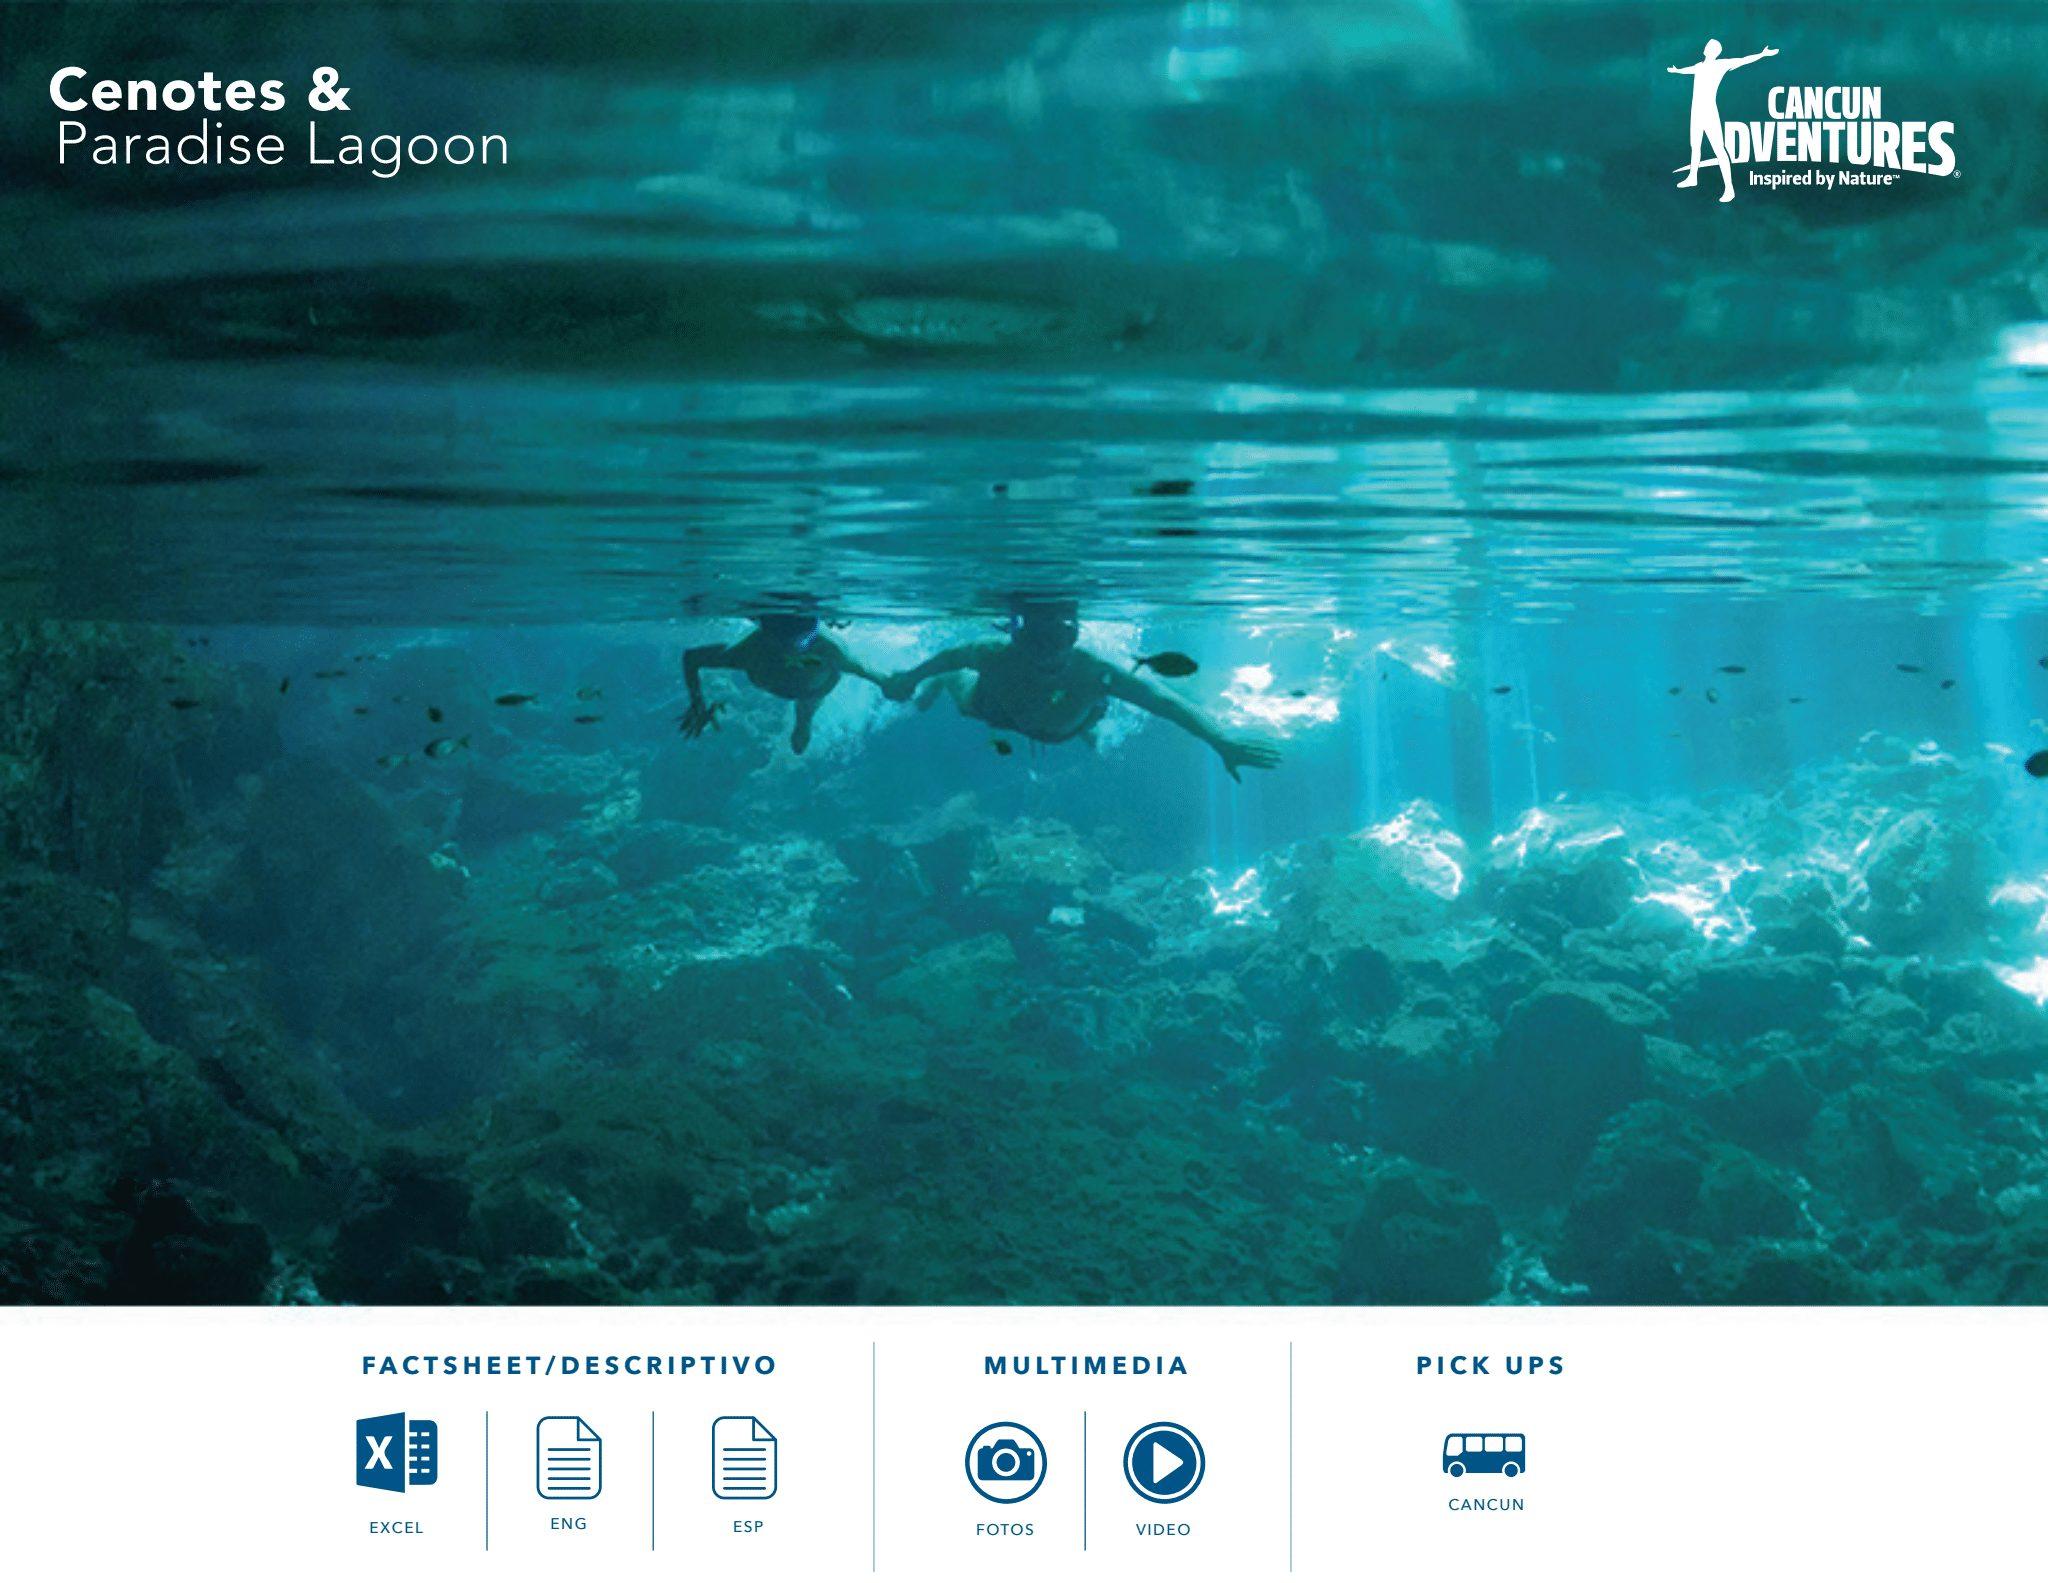 Cenotes & Paradise Lagoon